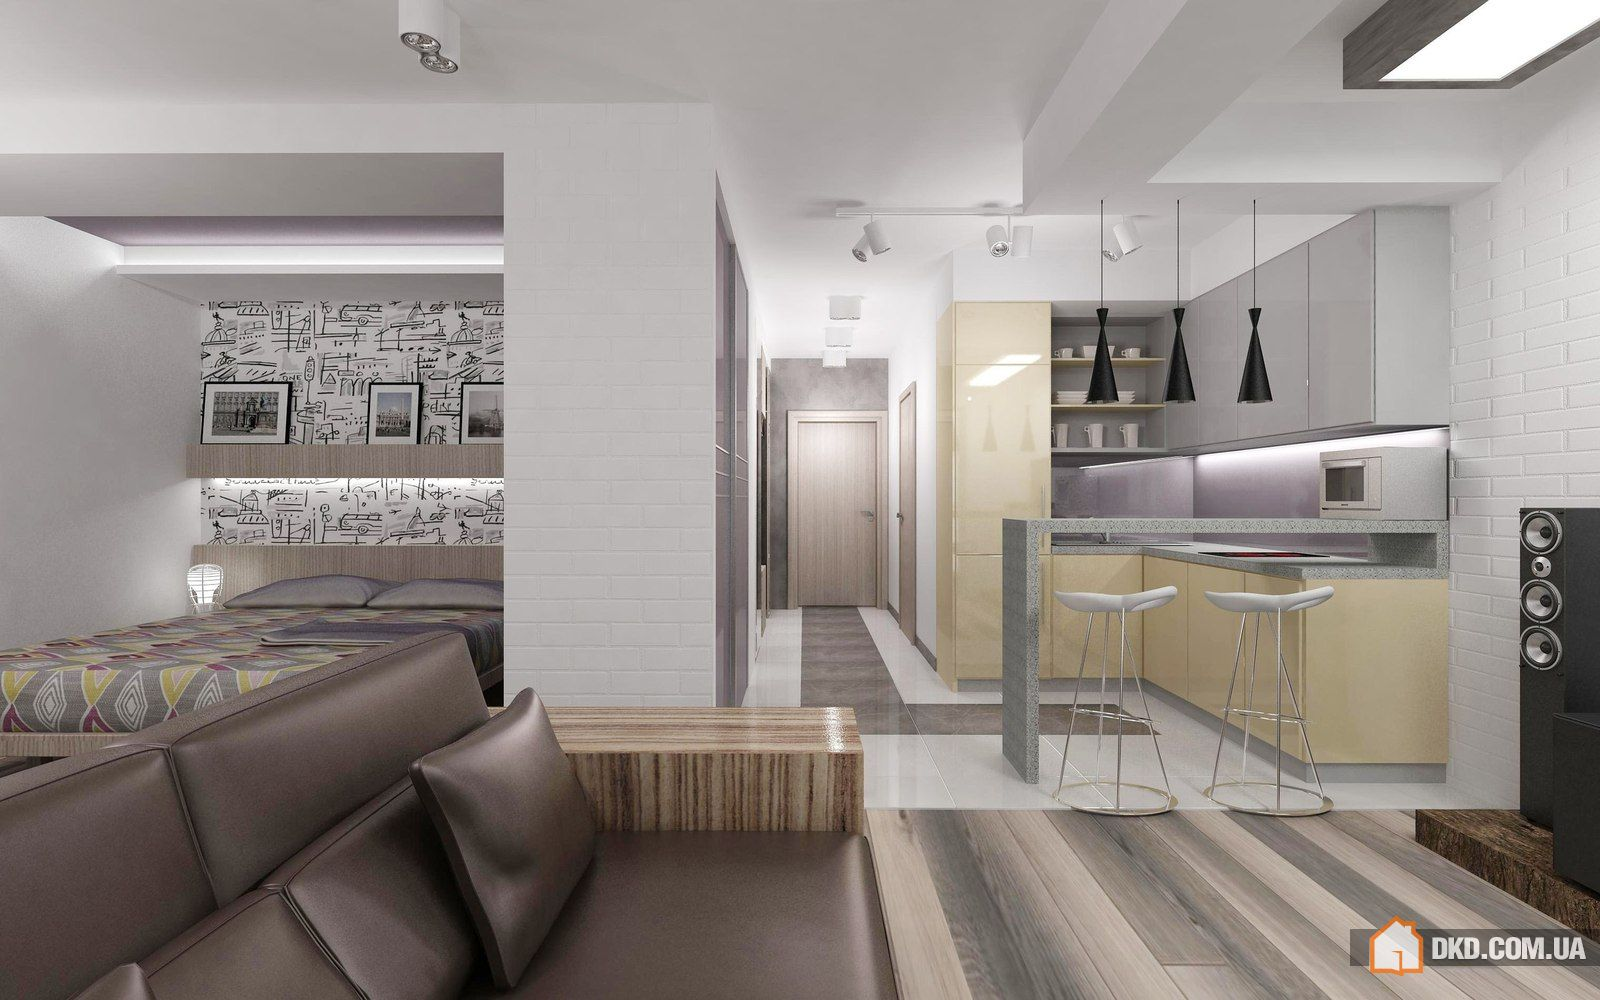 Дизайн однокомнатной хрущевки: квартира 40 кв.м. на фото